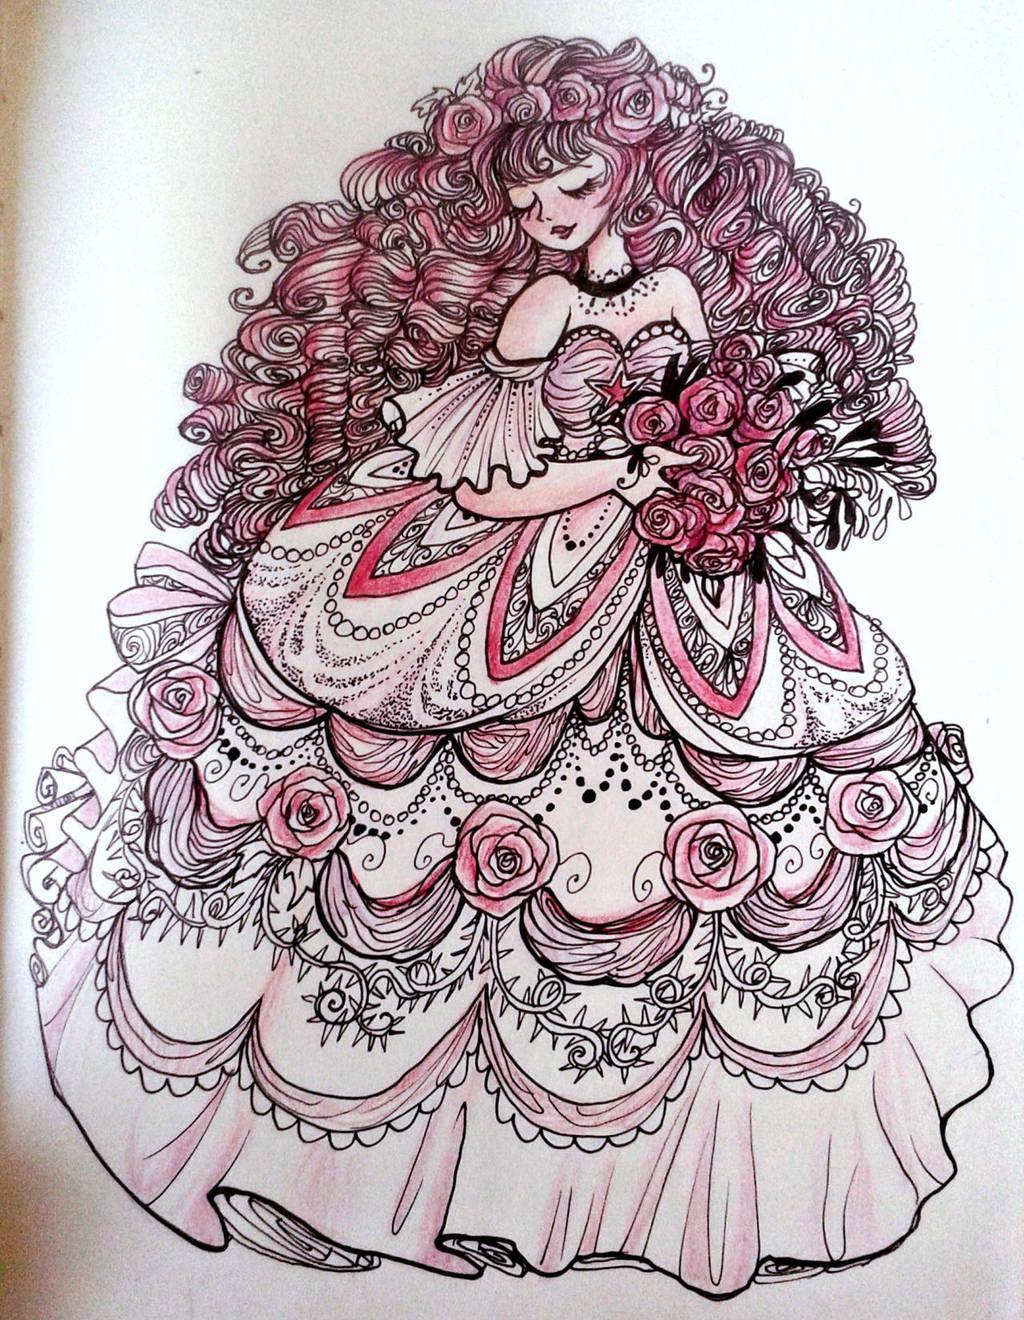 Rose Quartz by La-Chapeliere-Folle